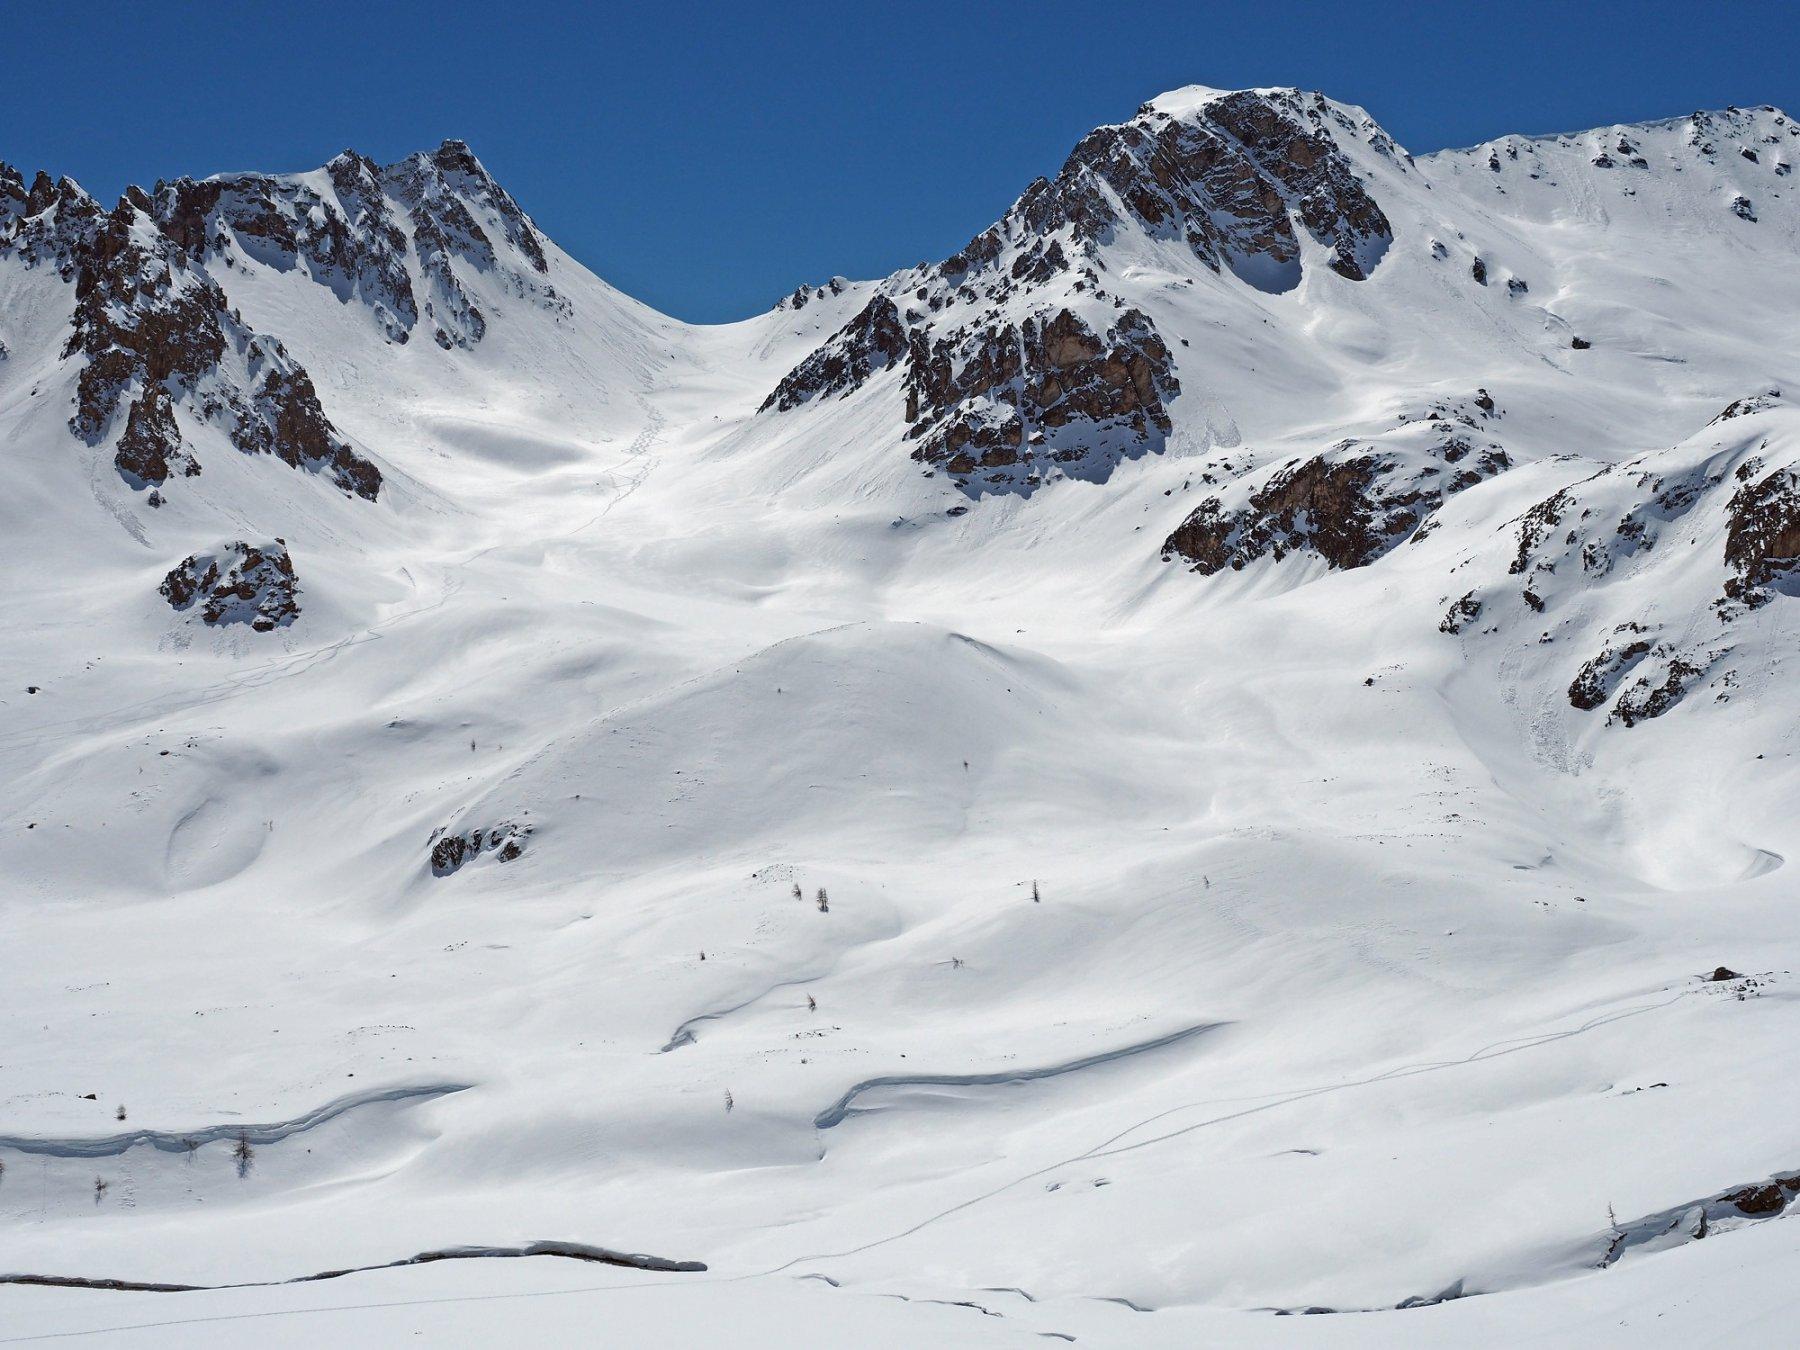 Uno sguardo verso il Col du Vallon, con delle tracce